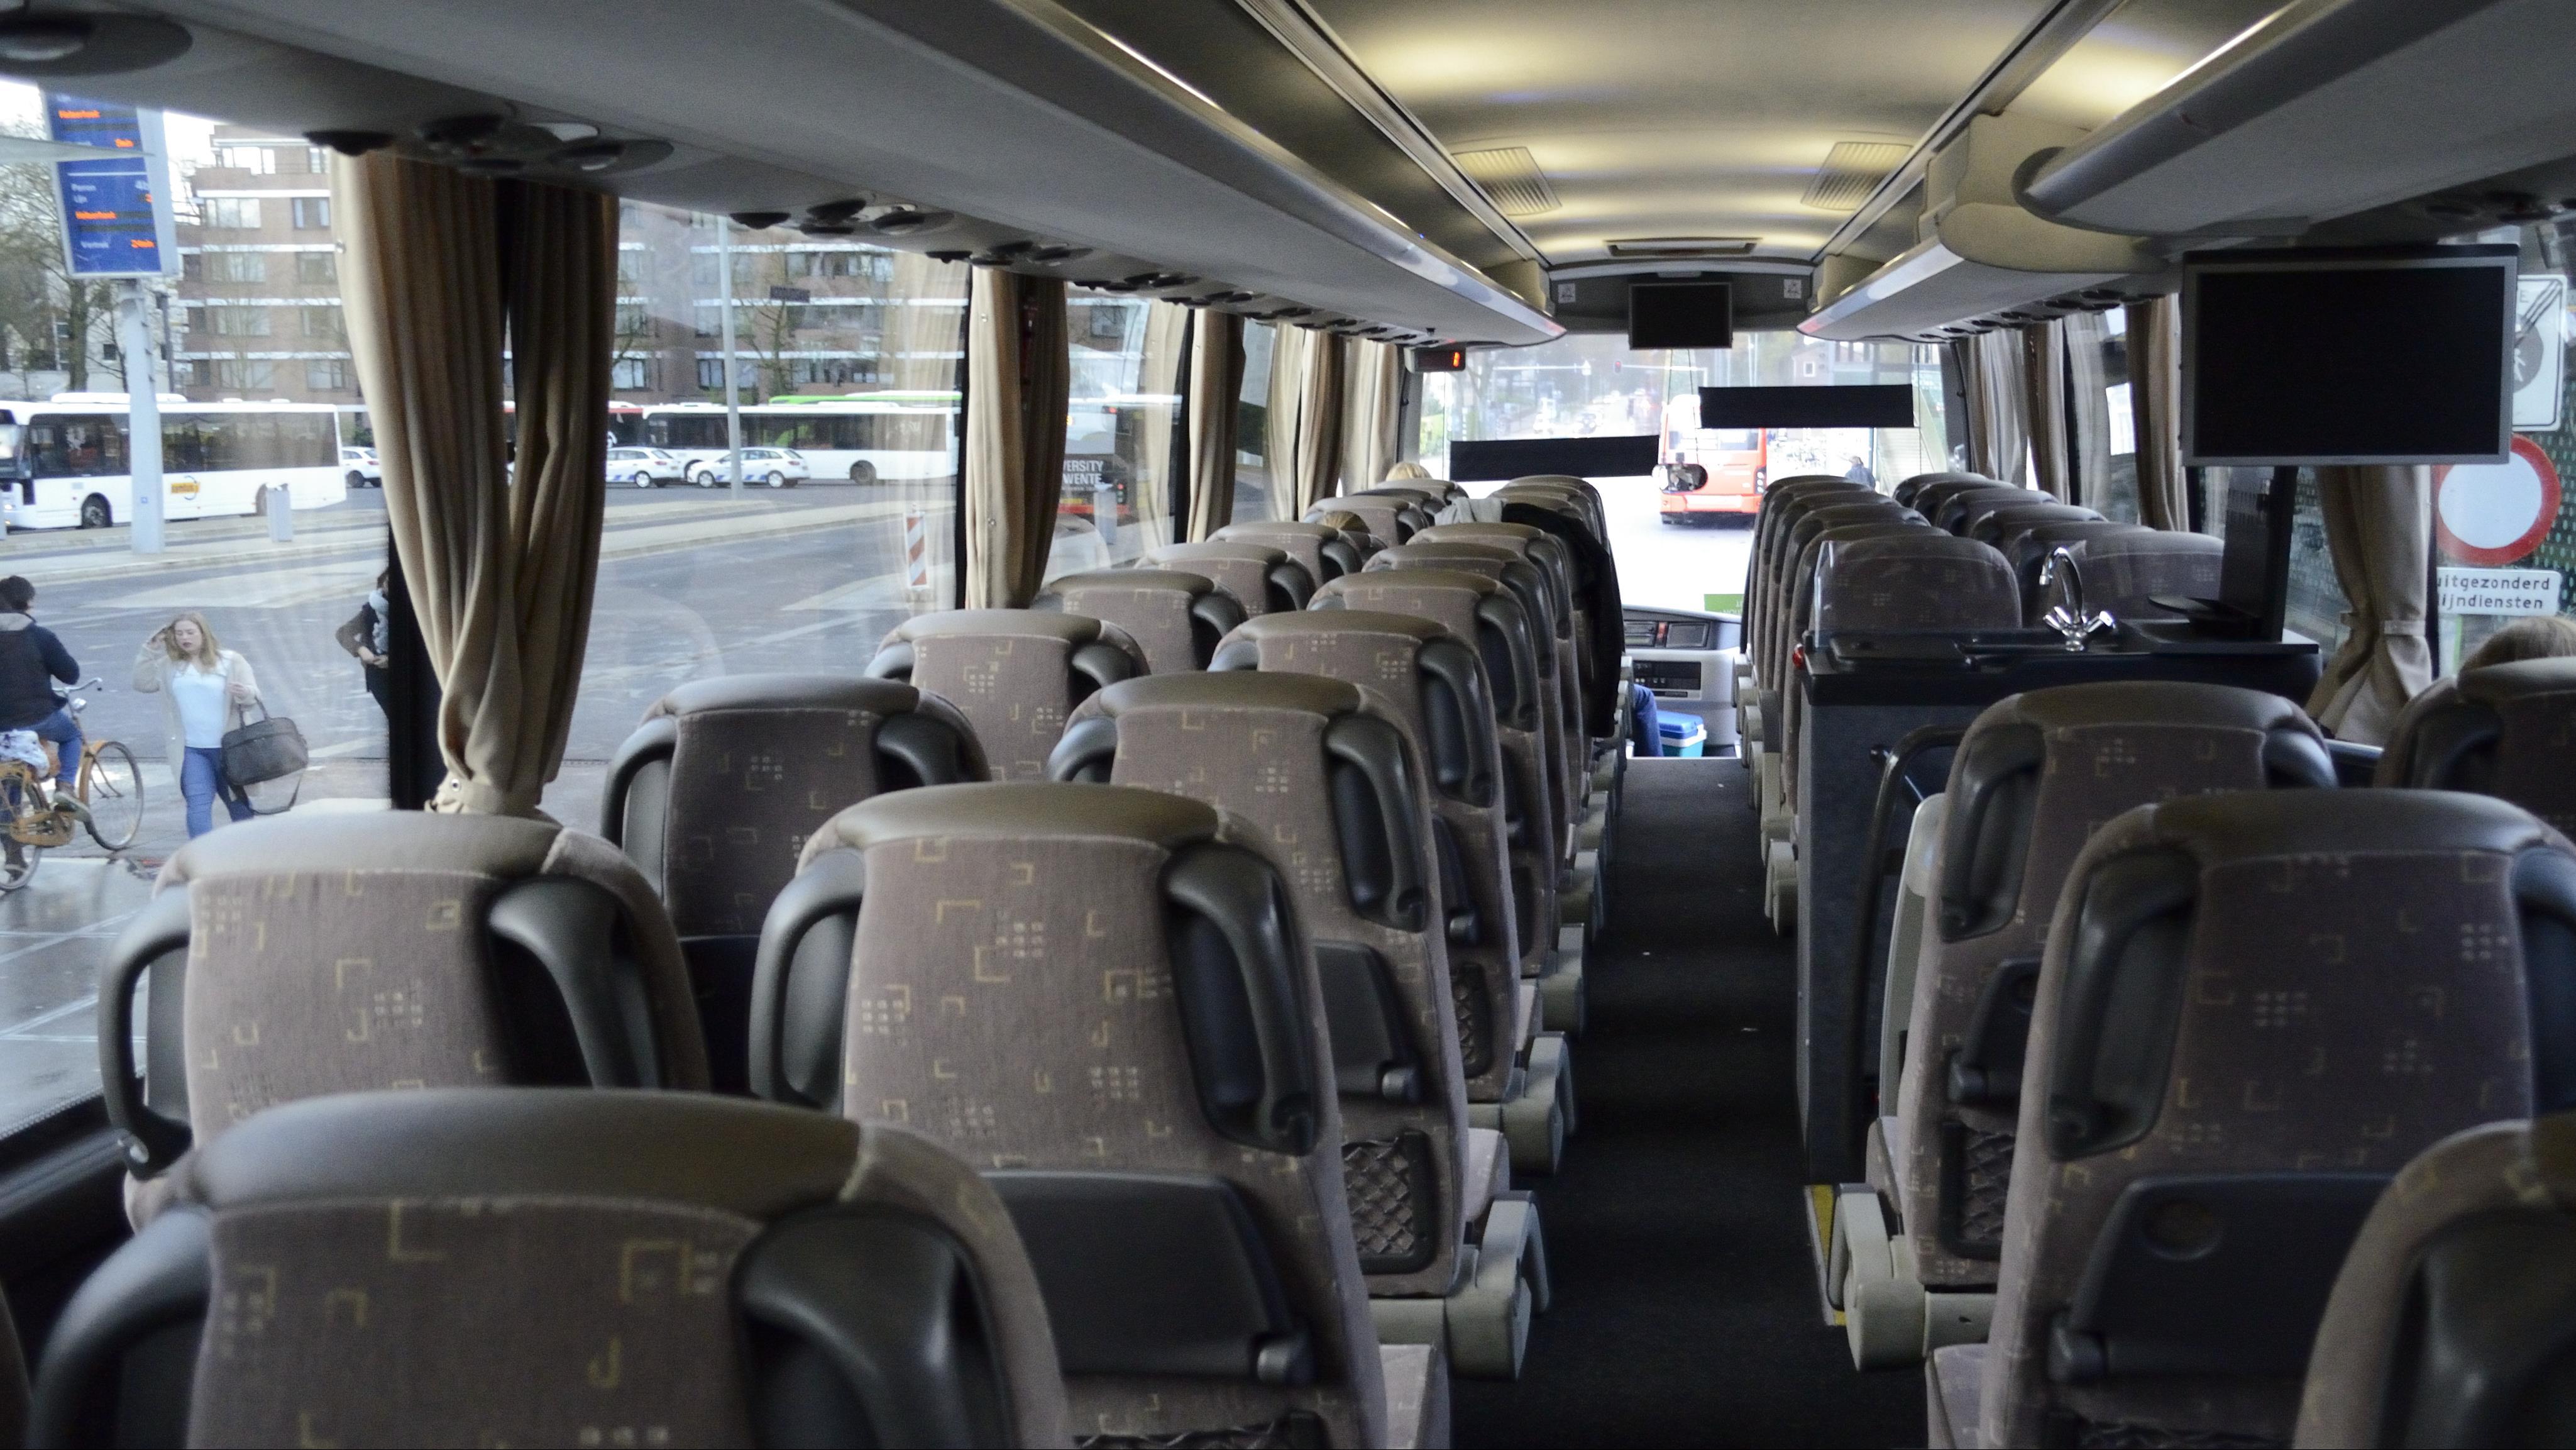 Afbeeldingsresultaat voor flixbus binnen